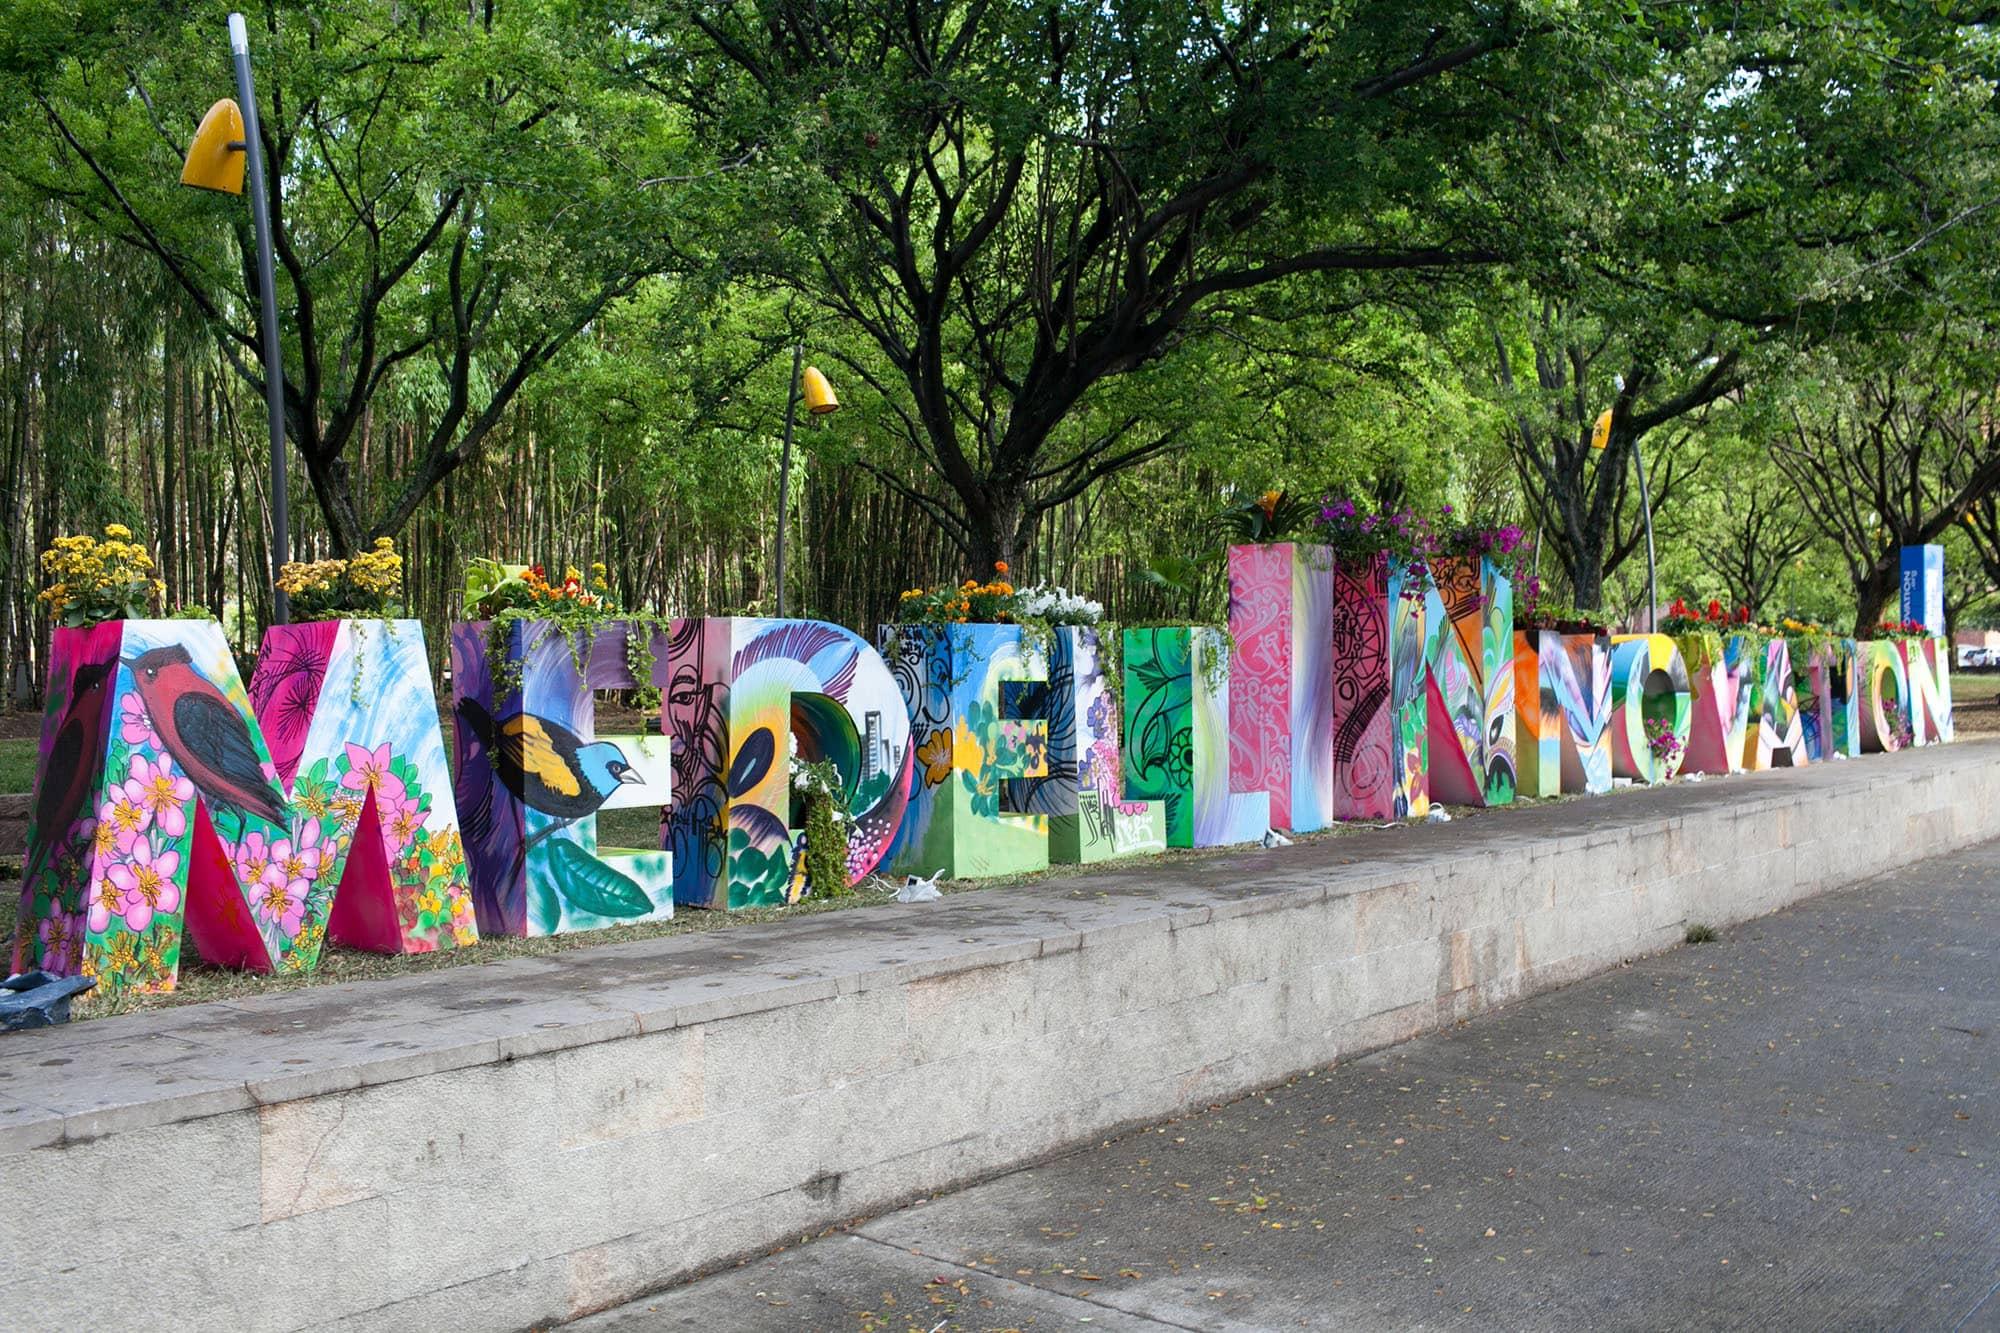 Feria de las Flores - Medellinovation in Medellin, Colombia